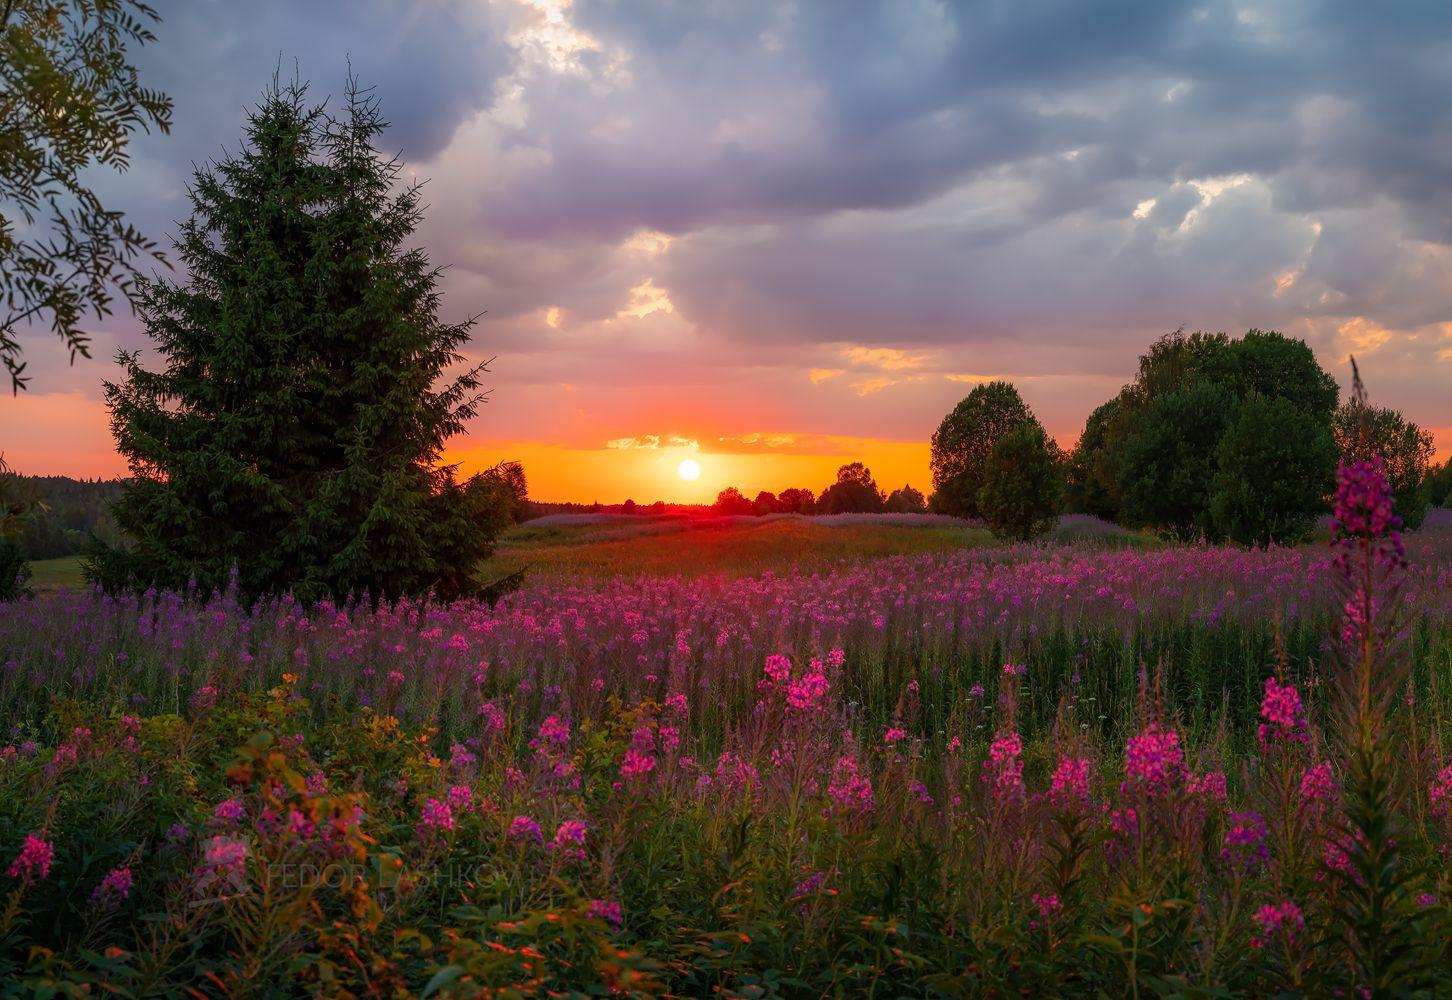 Вологодский закат Вожегодский район Вологодская область иван-чай цветение луг луговое цветы закат лето летние поляна тучи деревья